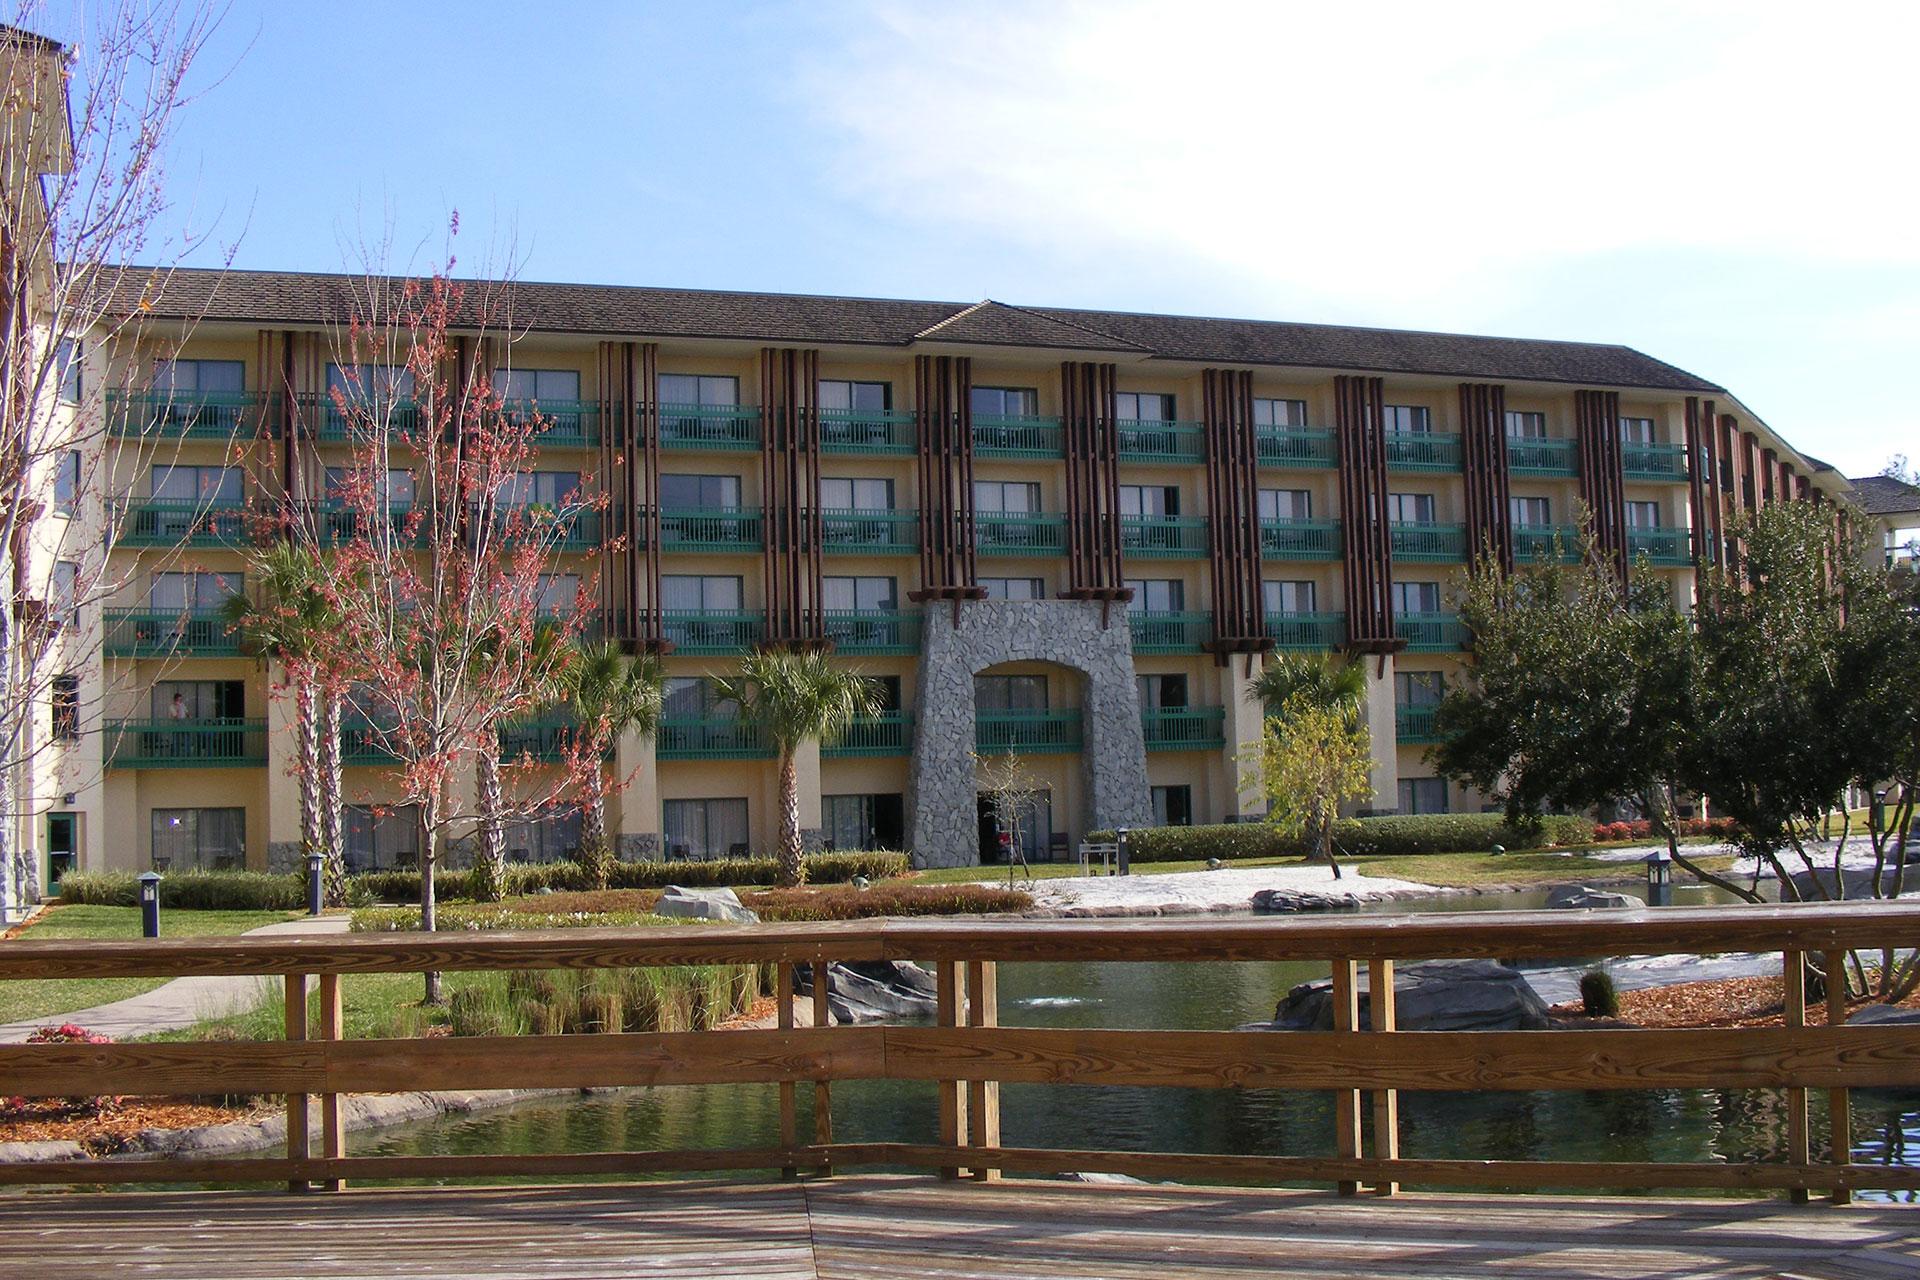 Shades of Green Resort in Orlando; Courtesy of TripAdvisor Member/BrightonBill